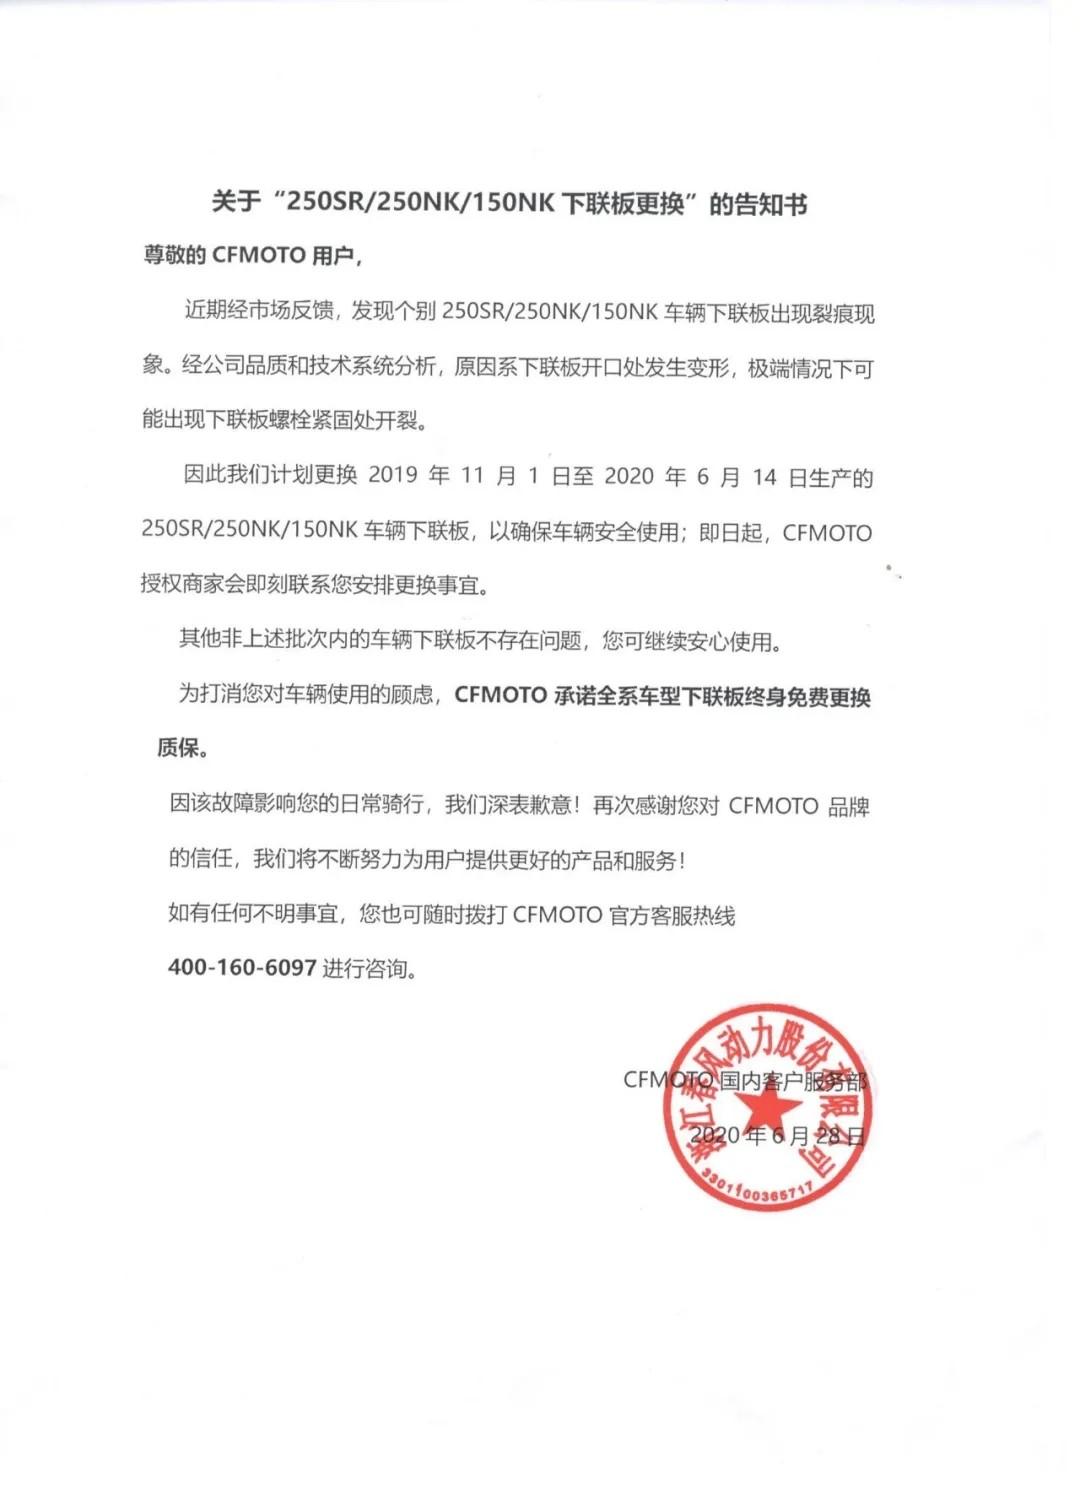 春风发布召回公告,涉及250SR、250NK、150N